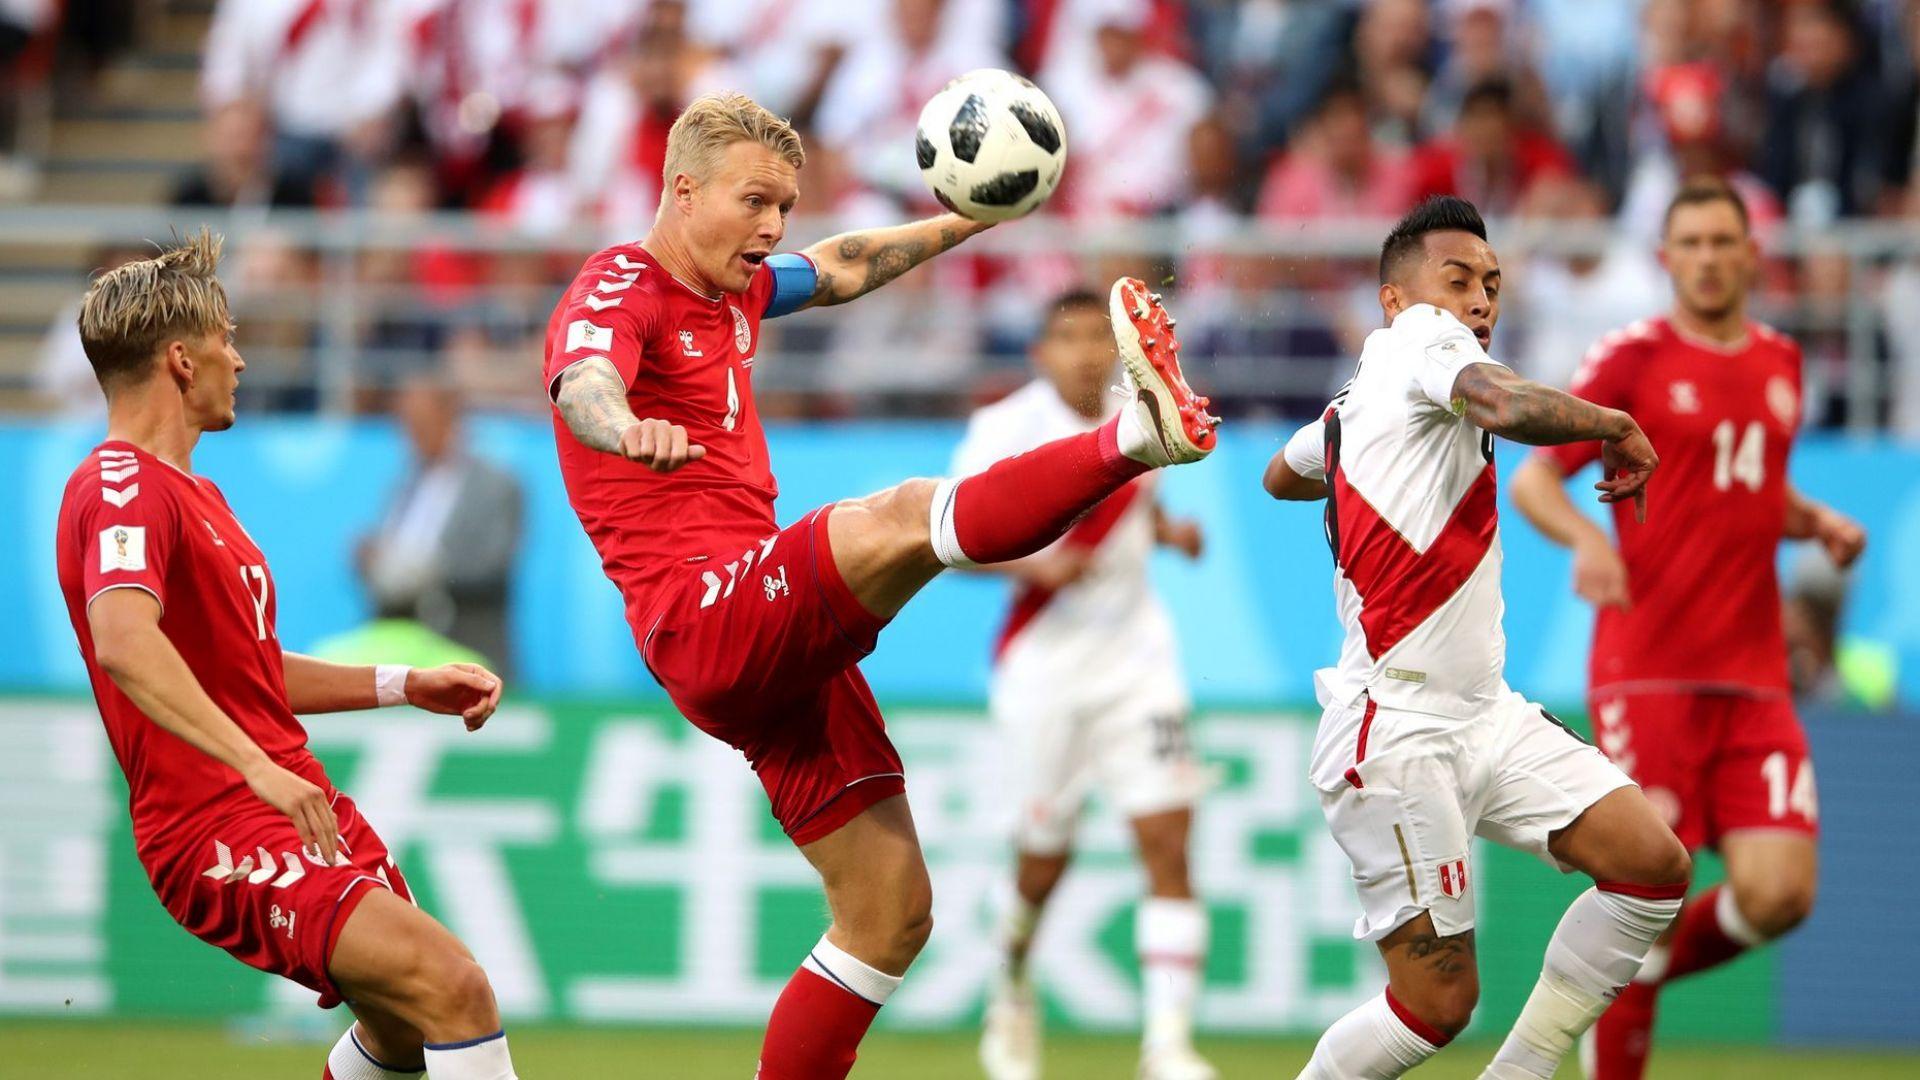 Перу - Дания 0:1 (статистики)